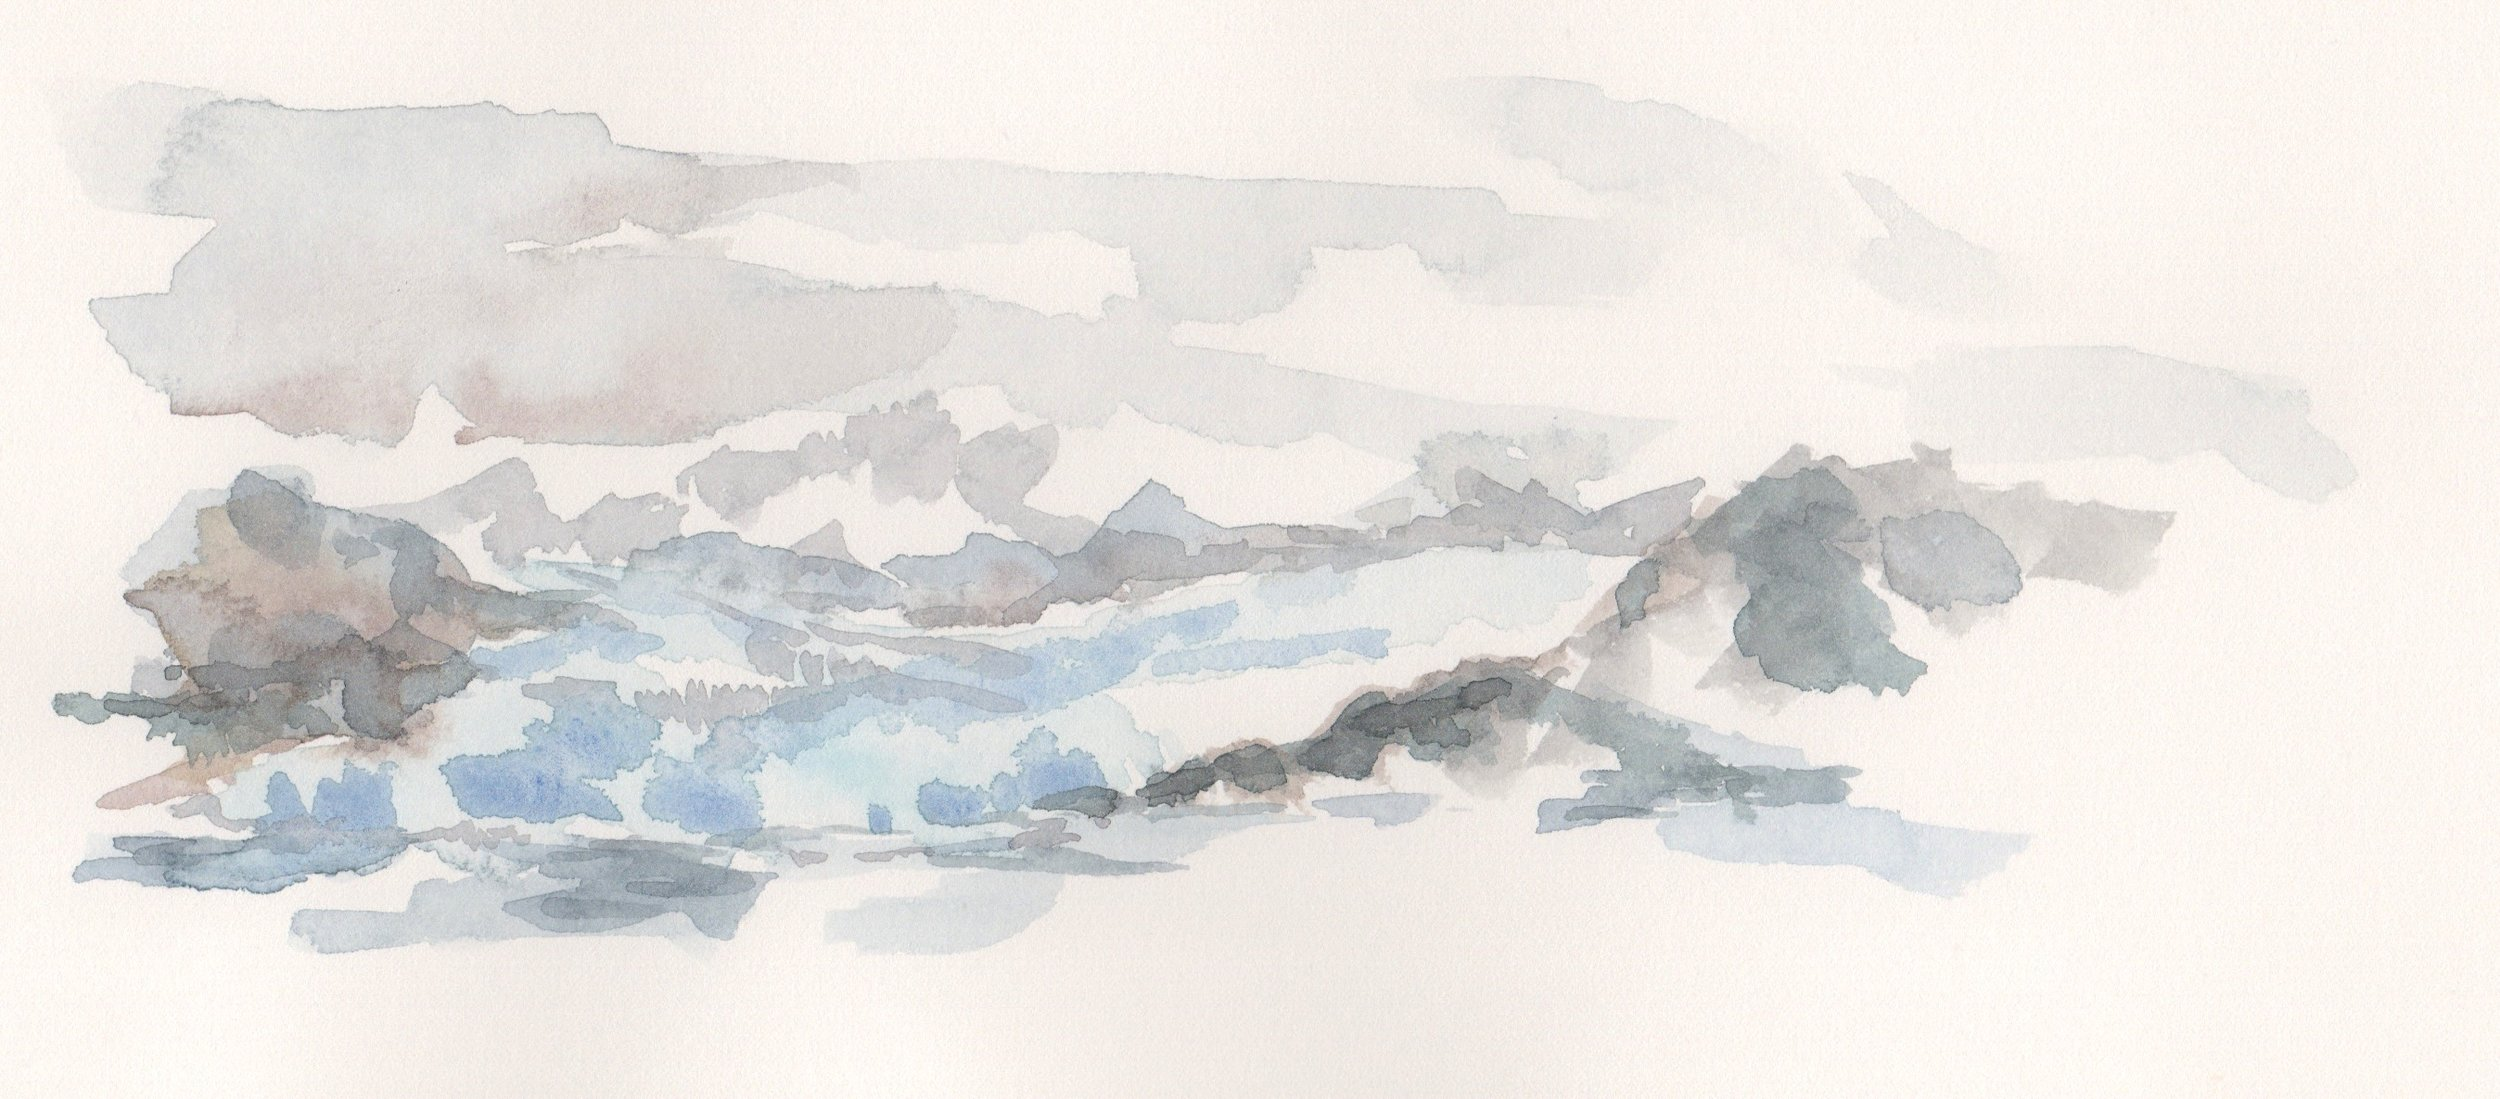 AlaskaWatercolor36.jpeg